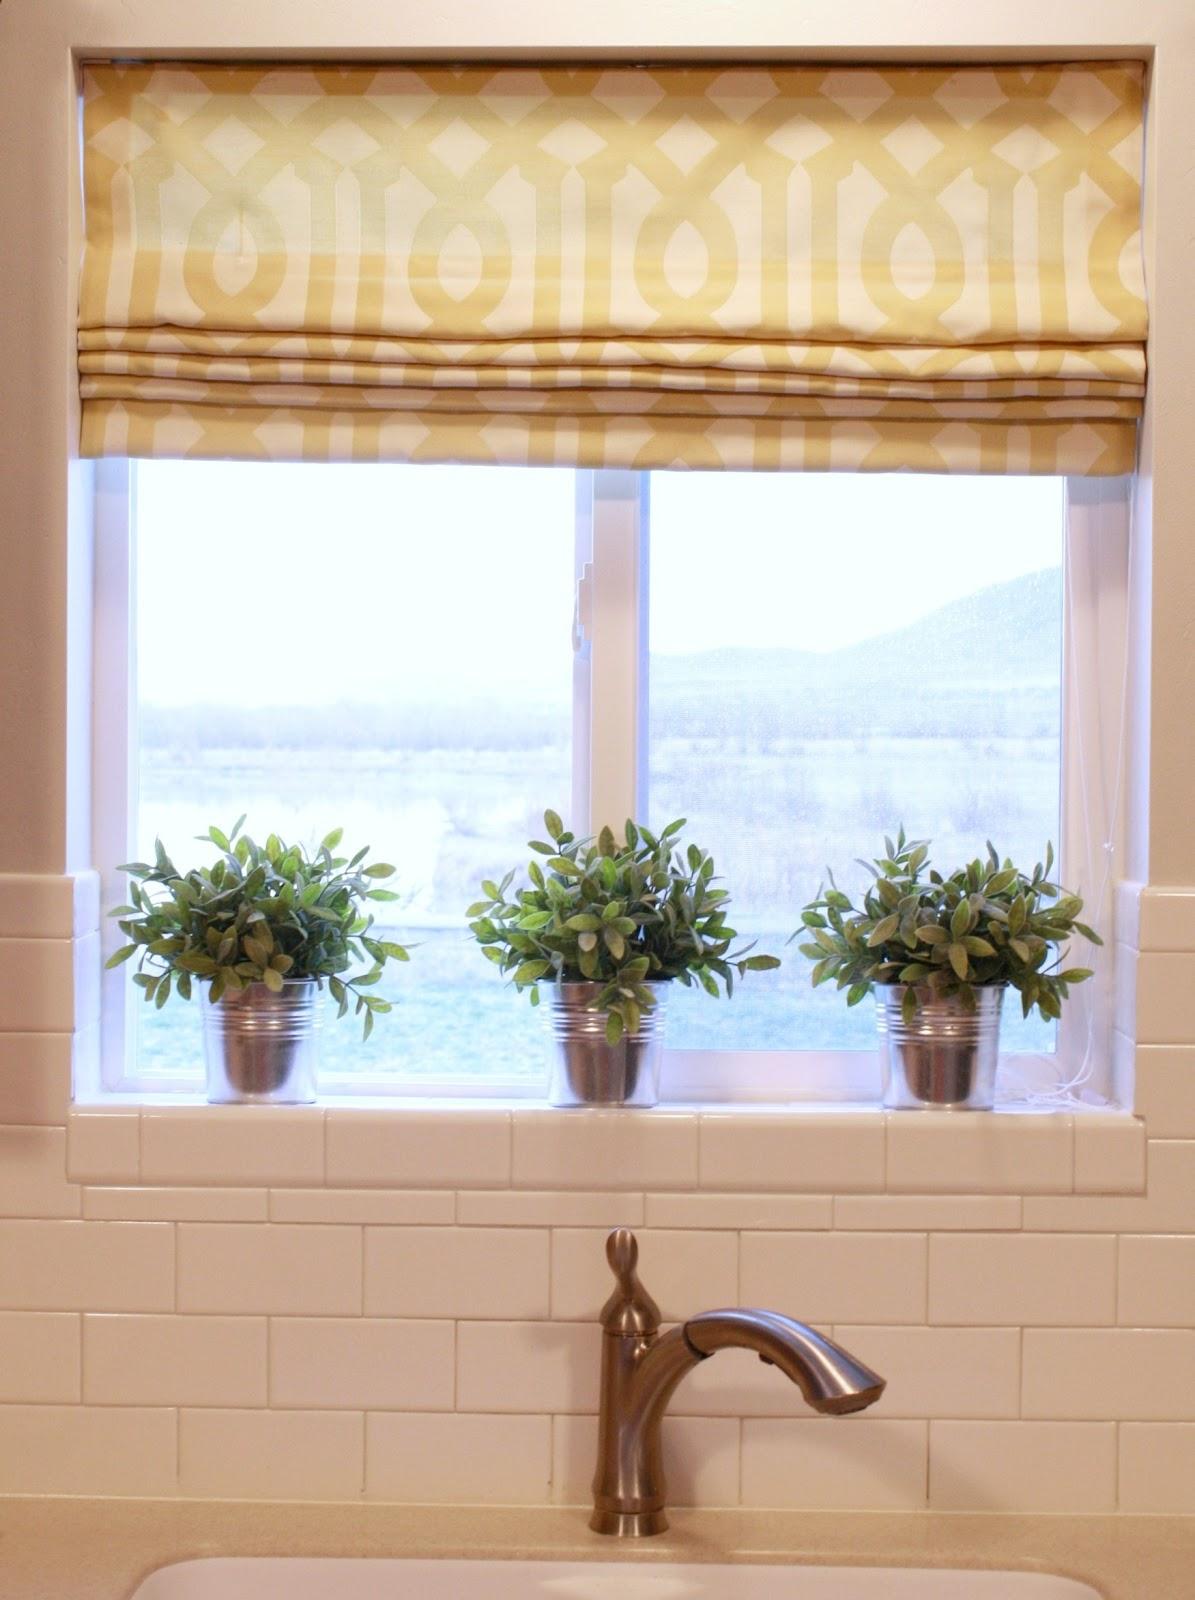 Kitchen window shades 2017 grasscloth wallpaper for Kitchen window